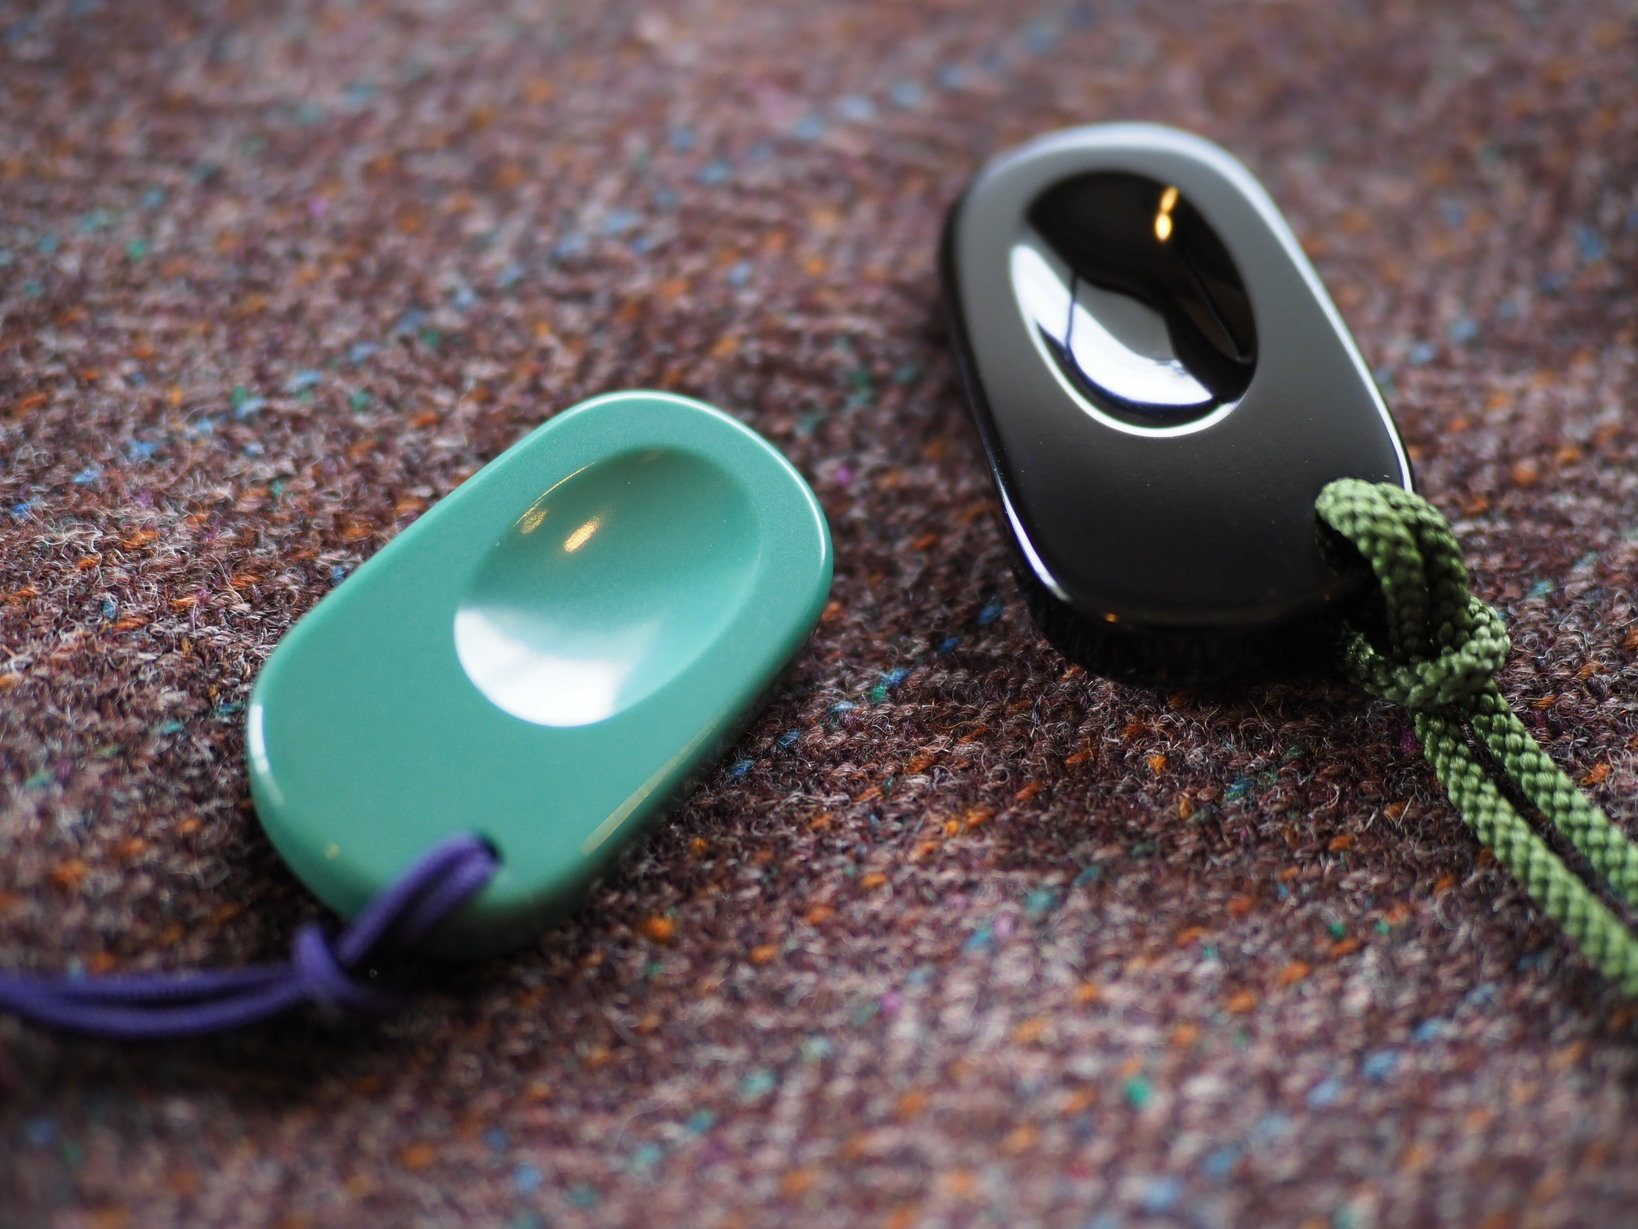 観音笑窪は2種類発売されていた。右の黒い方がアルミ製、左の緑がシンタードサファイヤセラミック製。